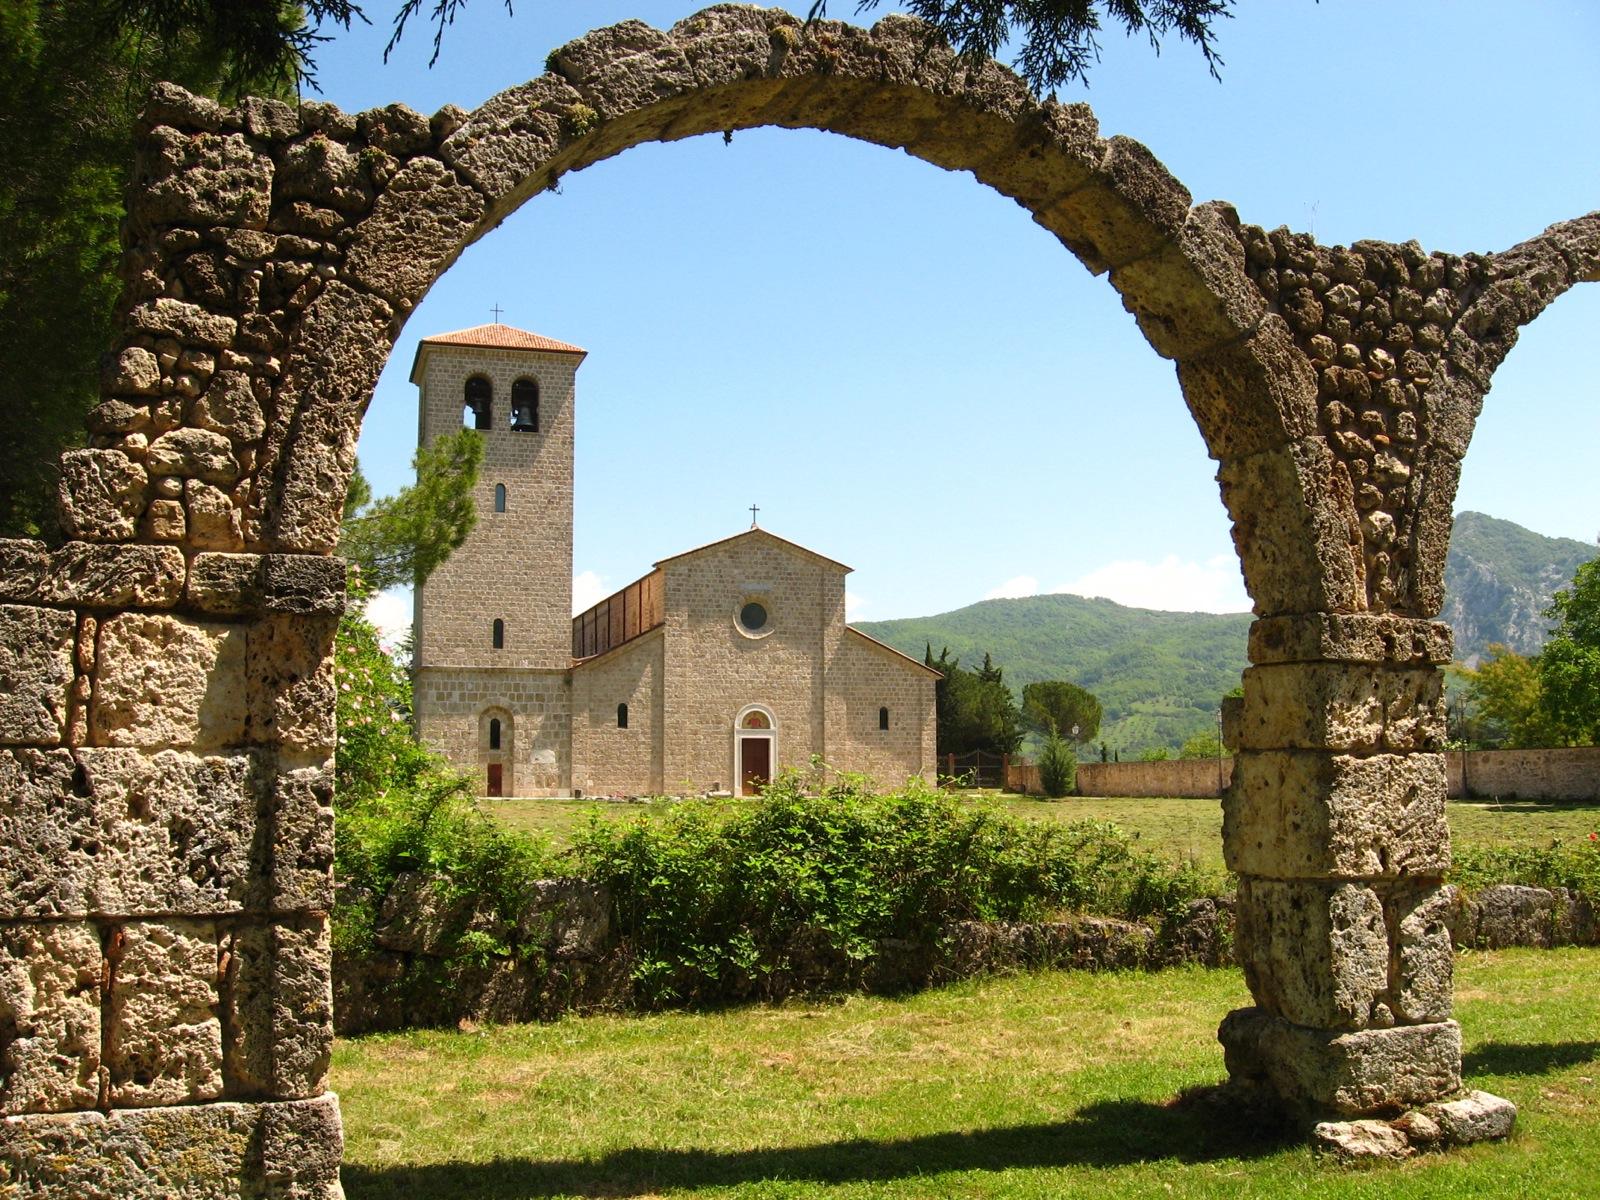 abbazia-di-san-vincenzo-al-volturno-secret-world